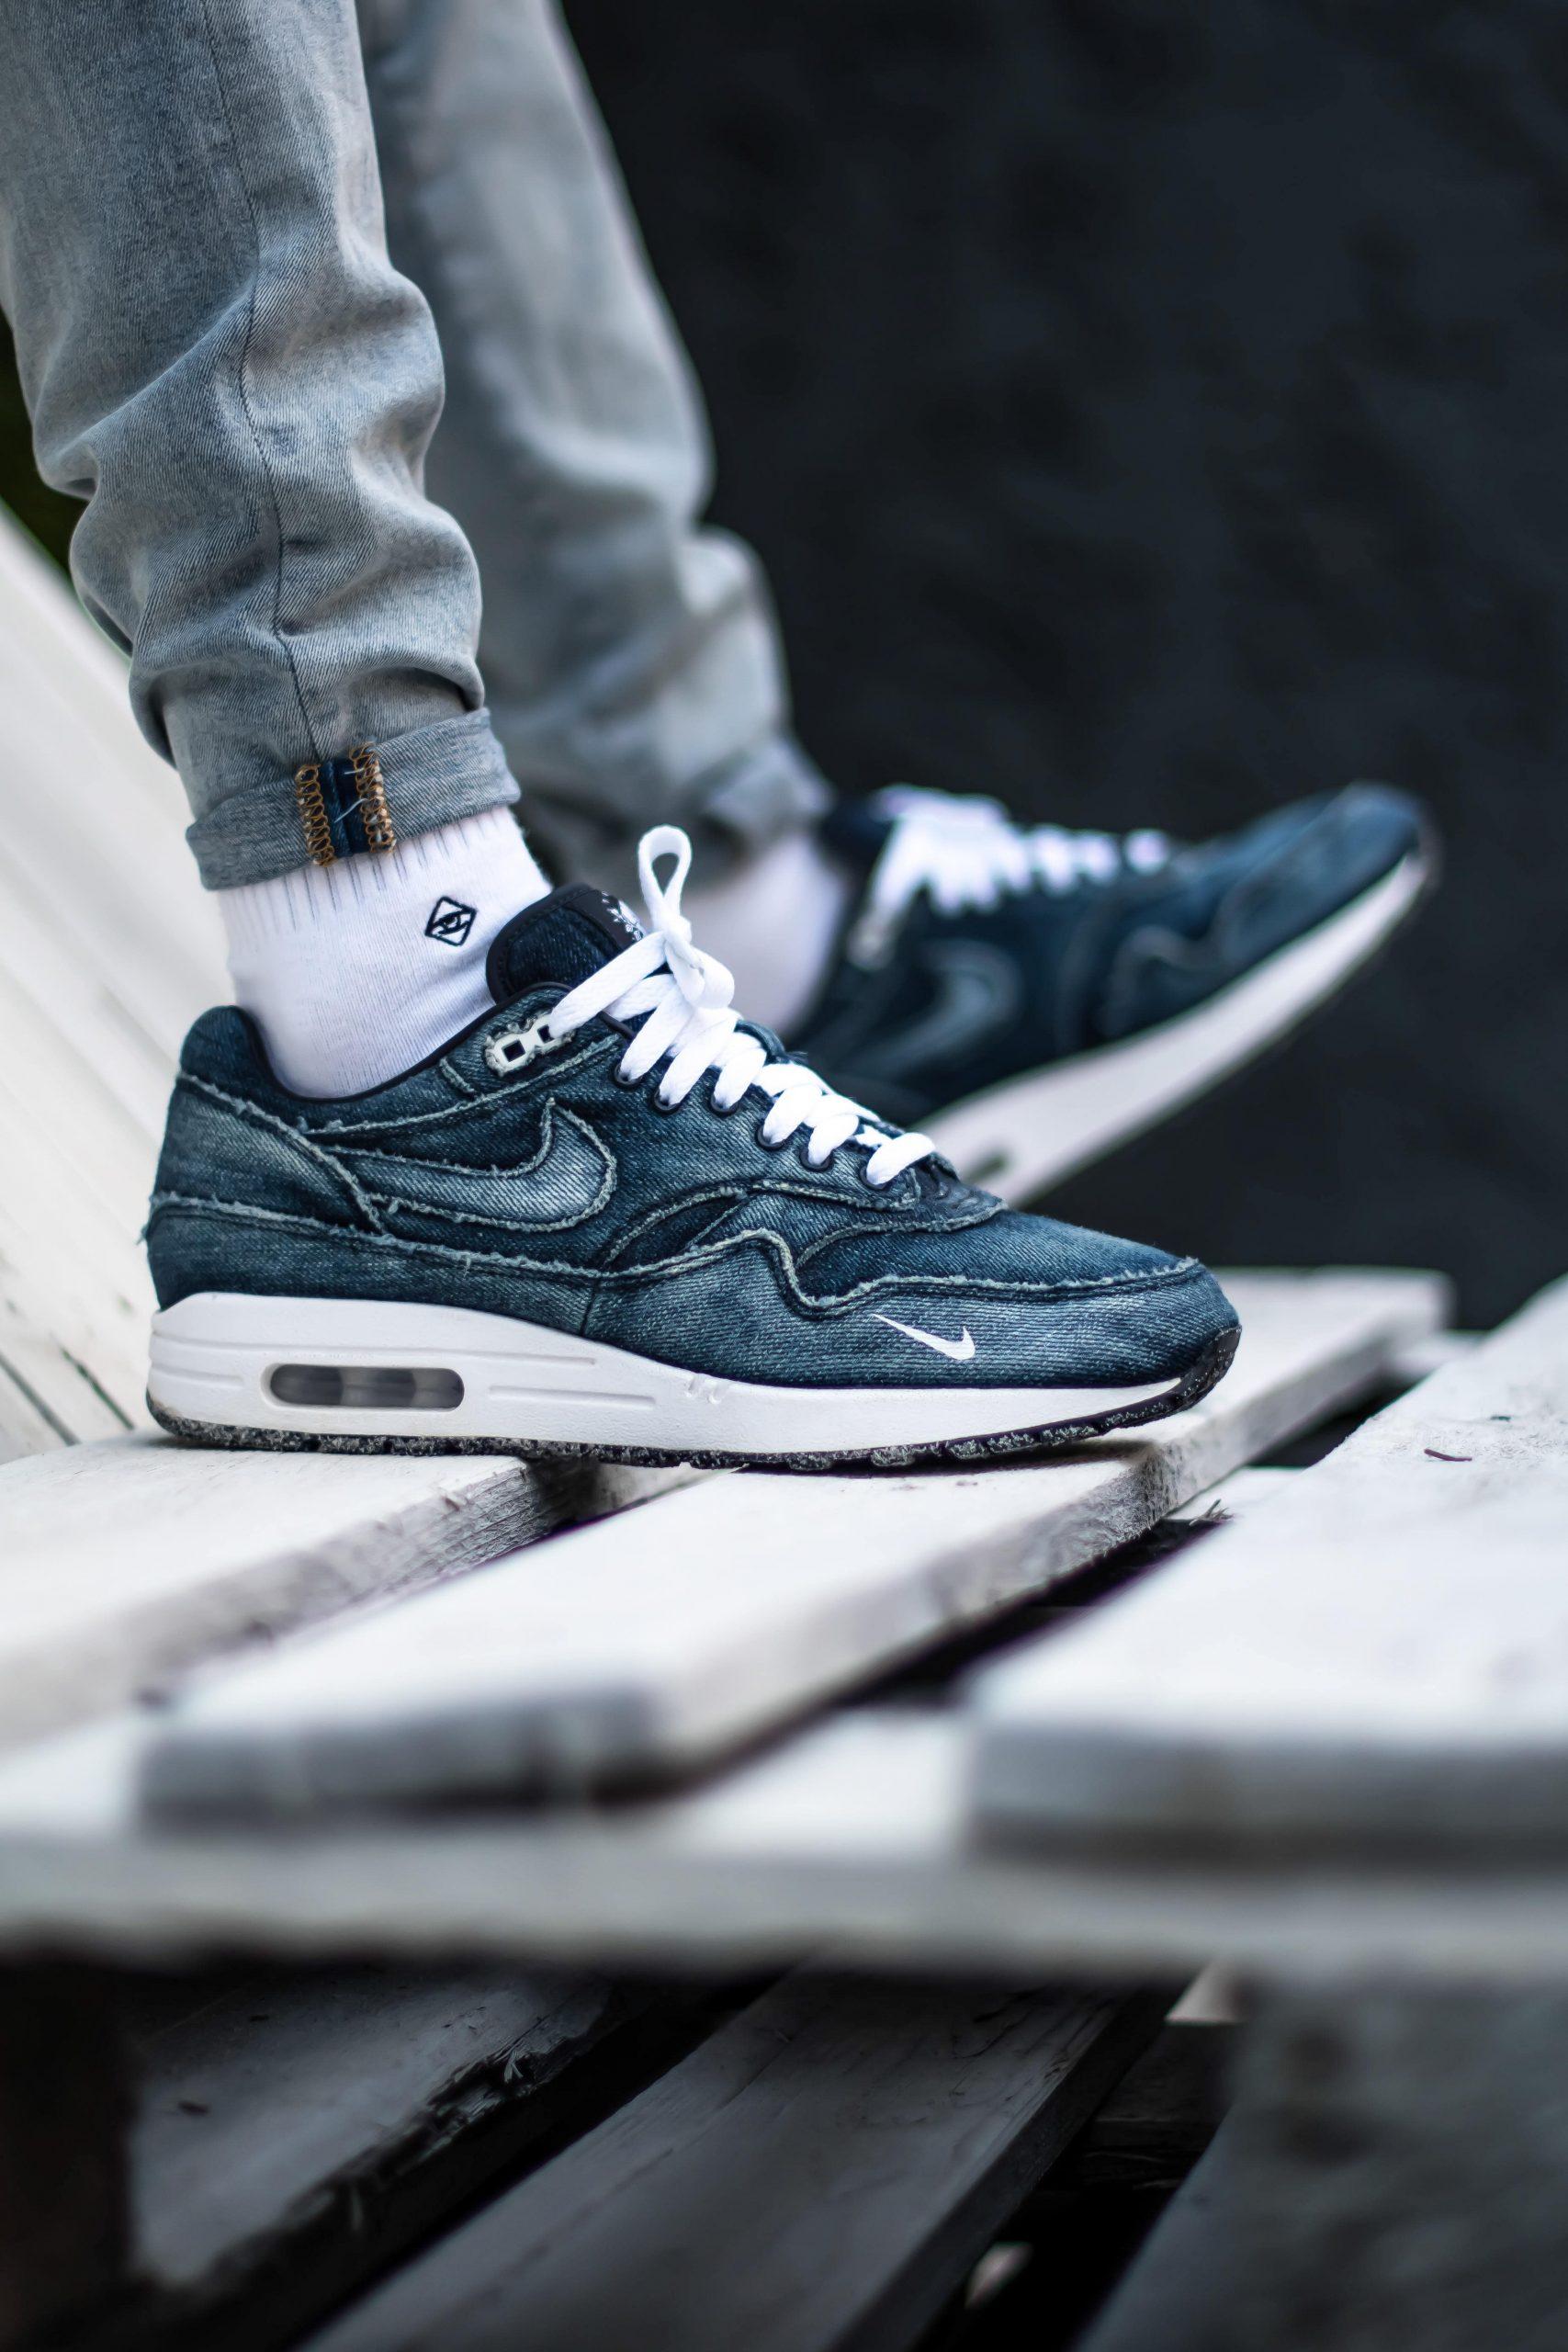 Nike Air Max 1 denim customs